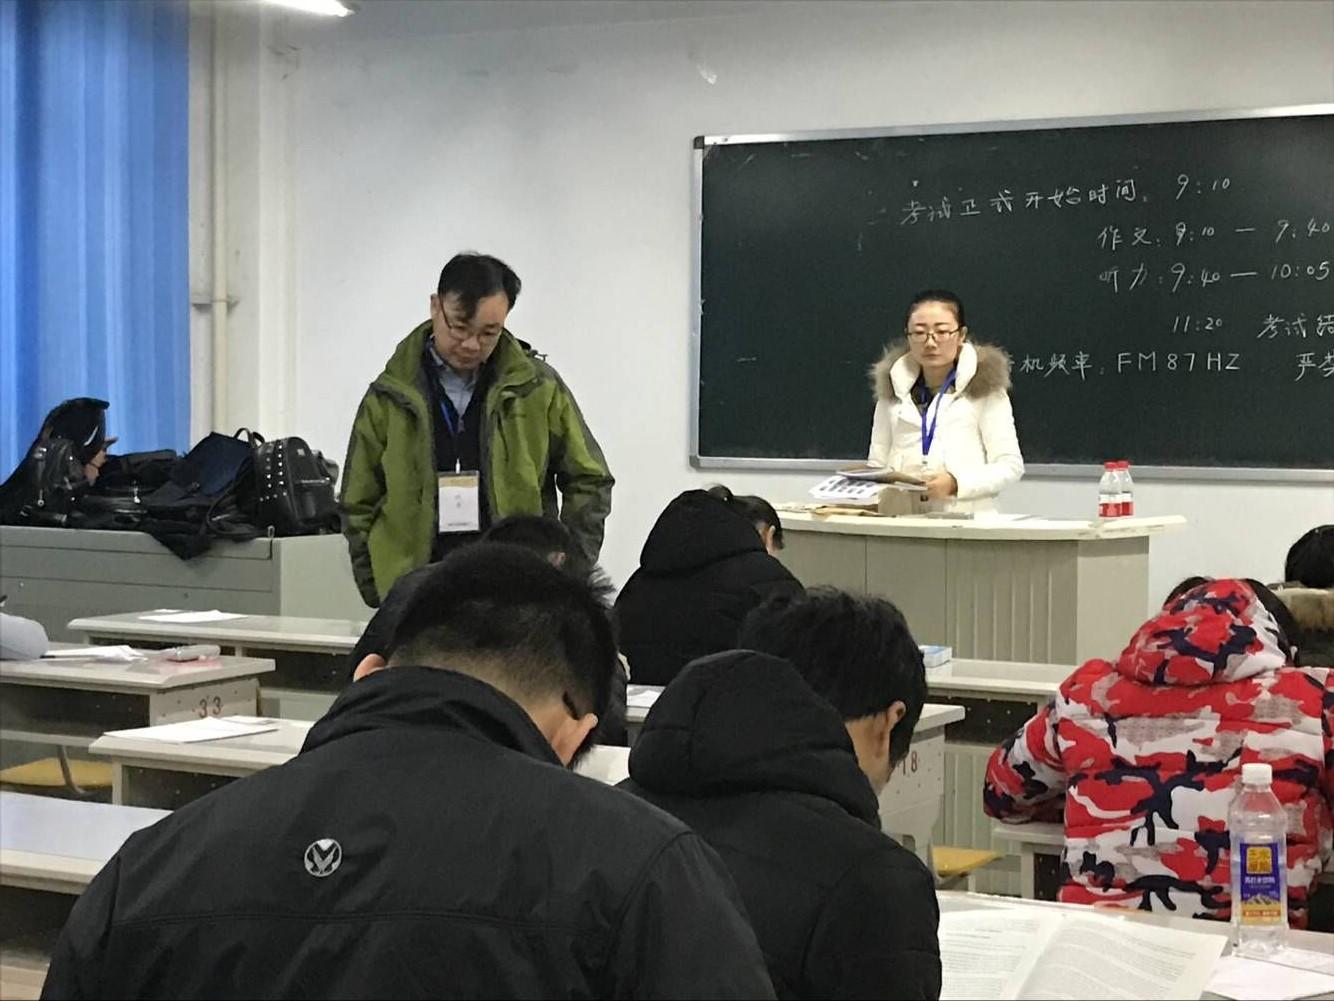 塔里木大学全国英语四六考试结束-塔里木大学新闻网